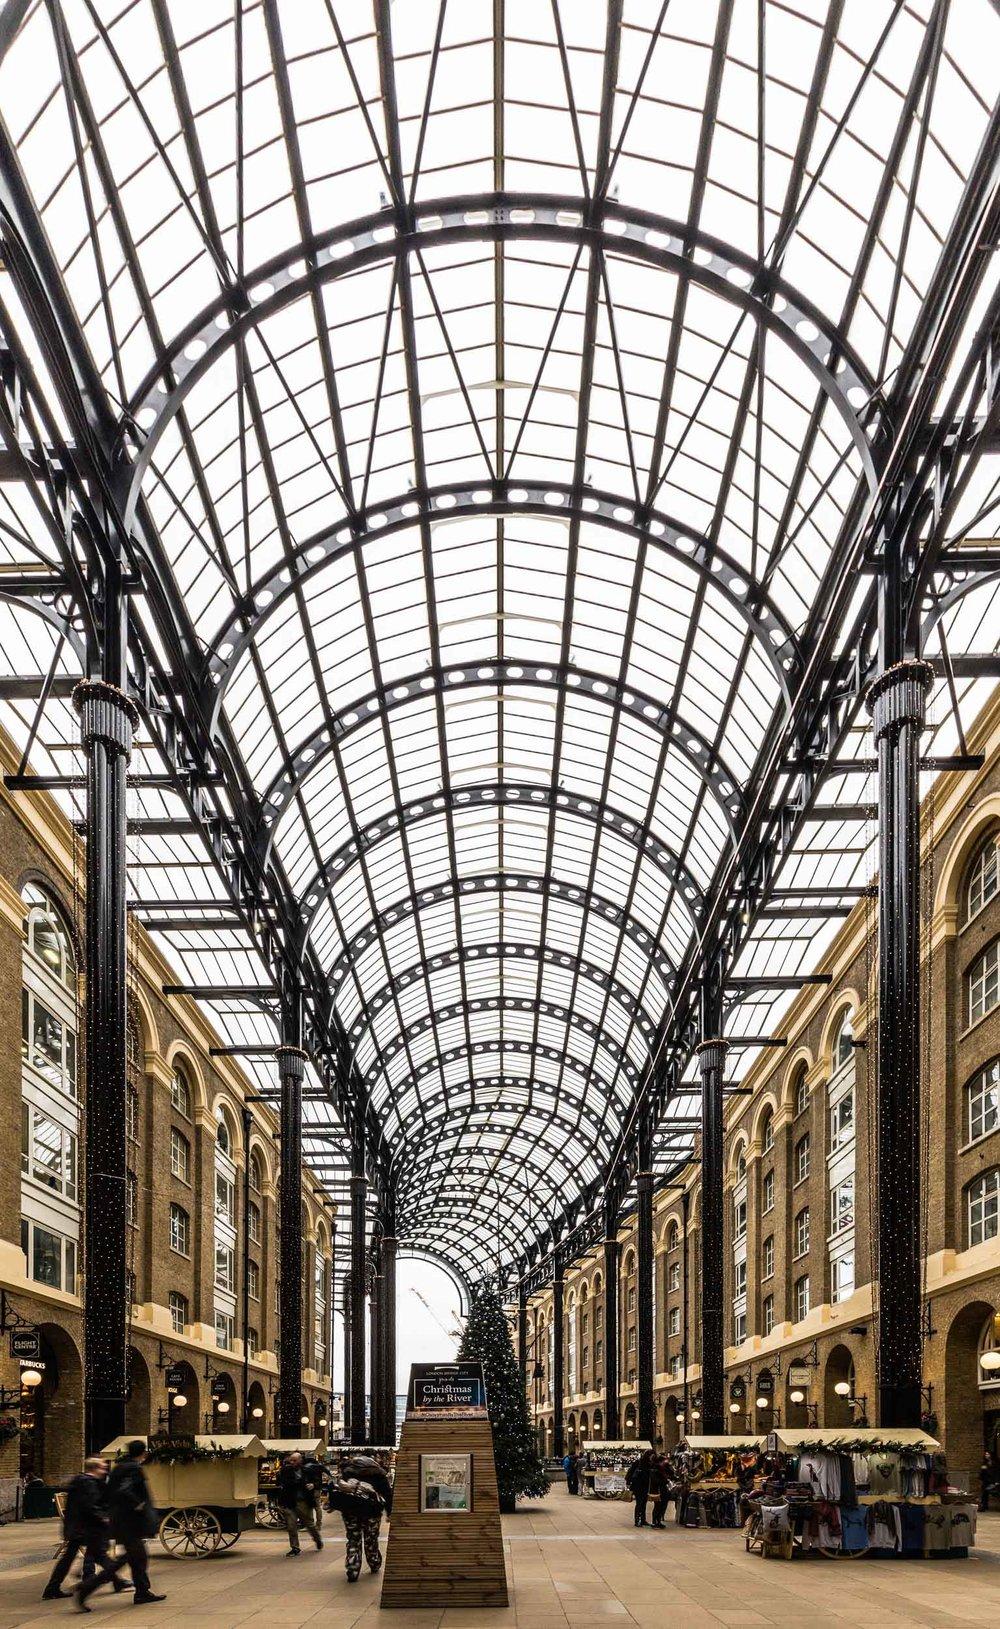 Hay's Galleria with a relatively quiet indoor market